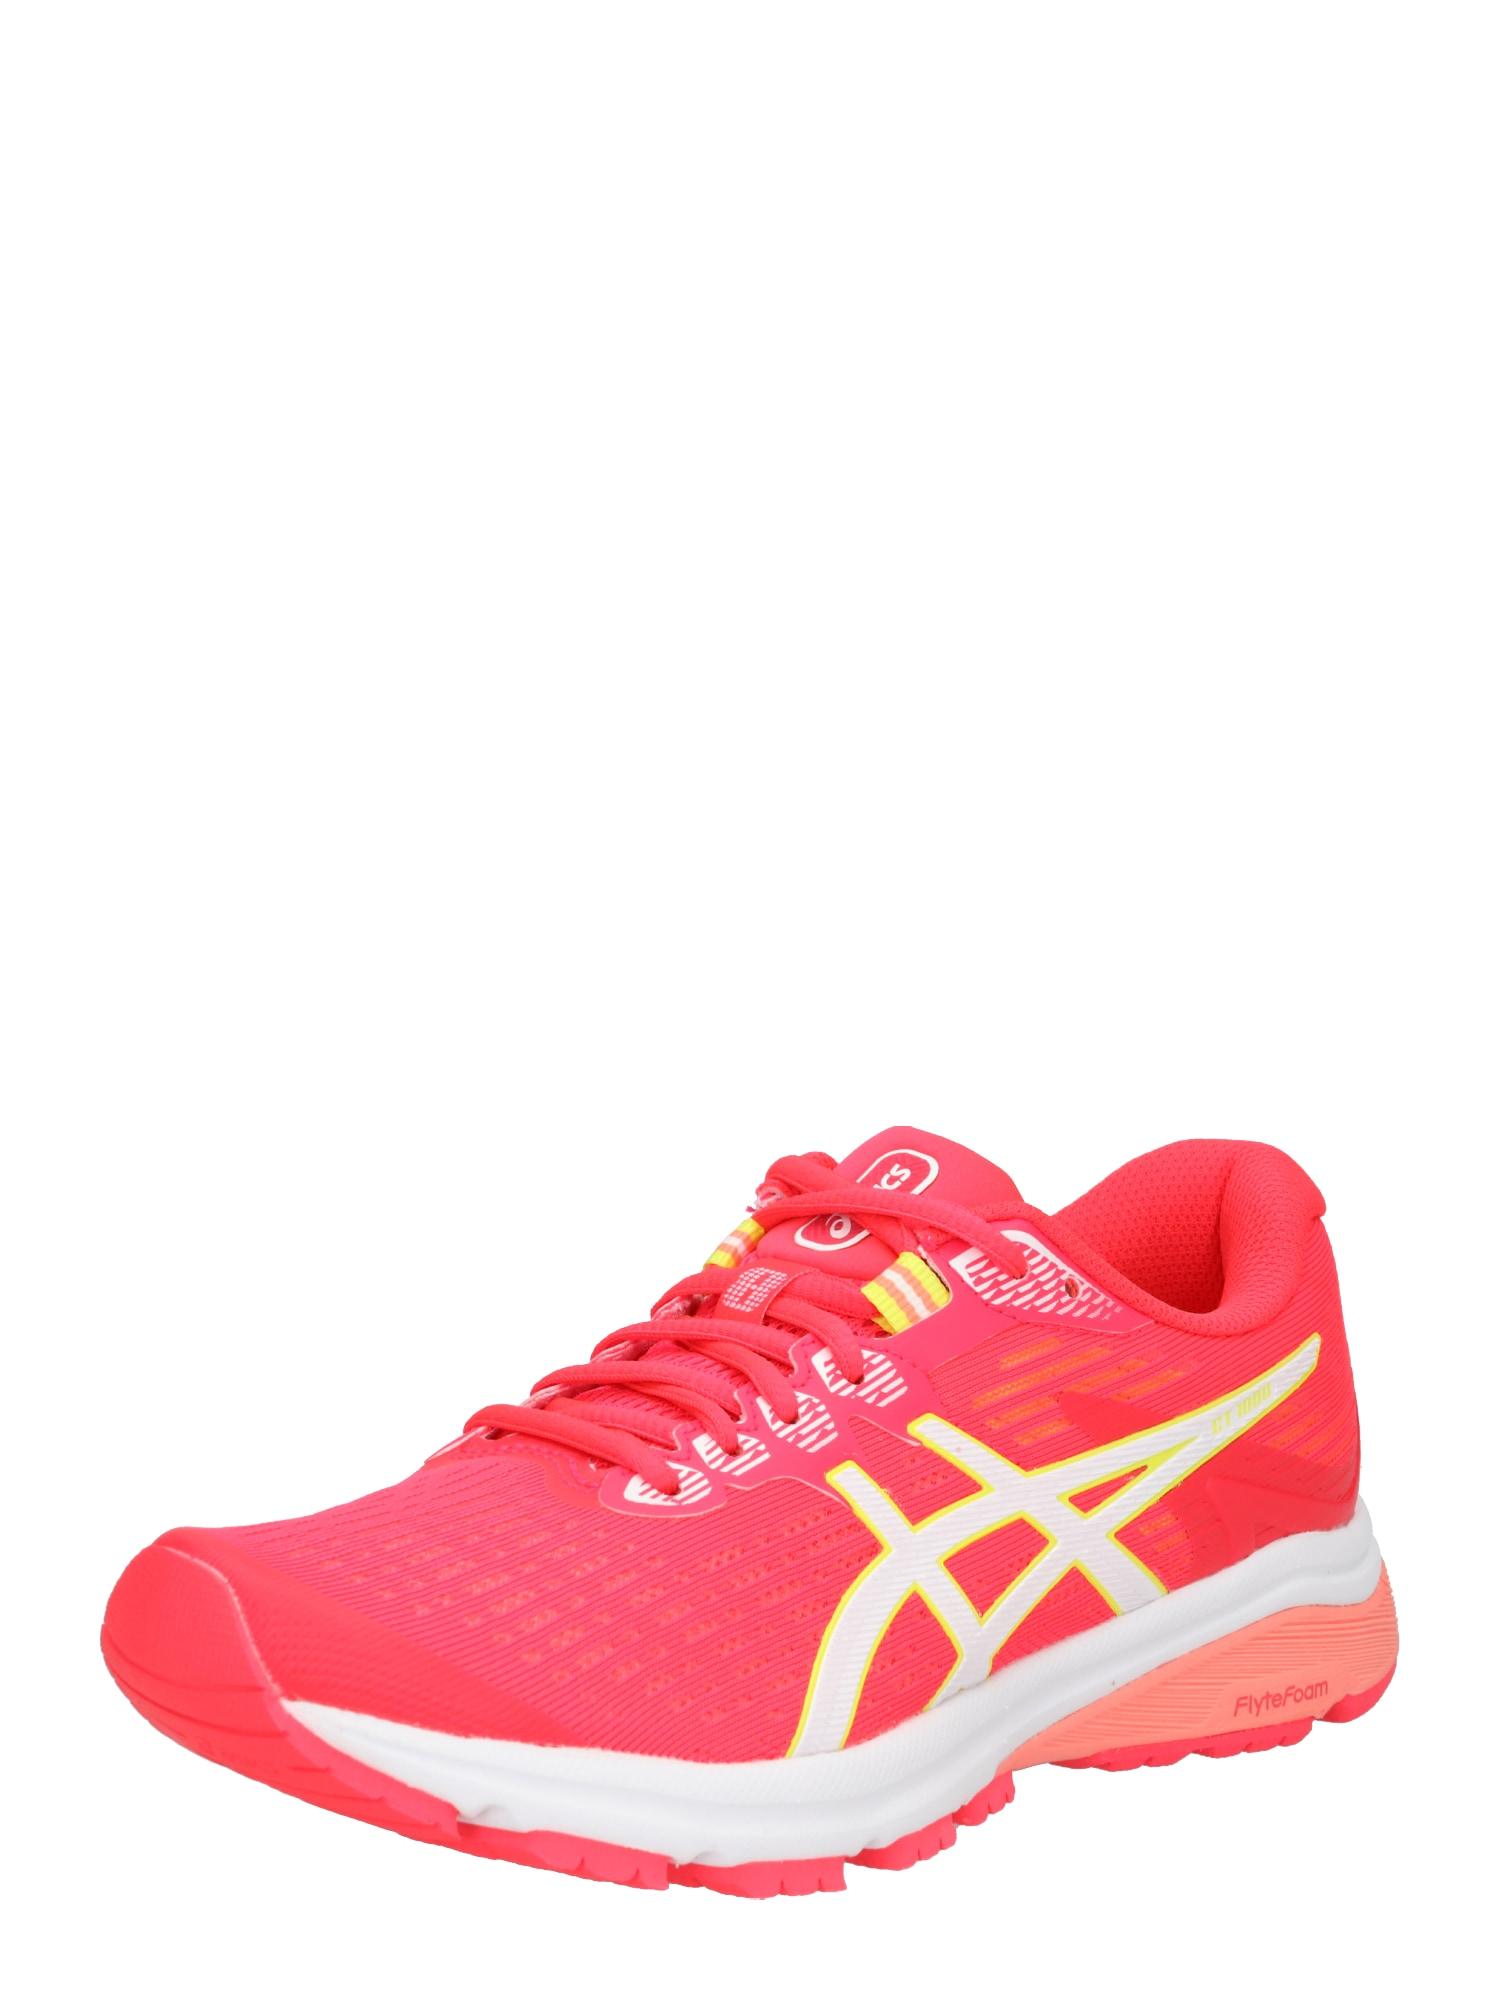 Běžecká obuv GT-1000 8 pink bílá ASICS